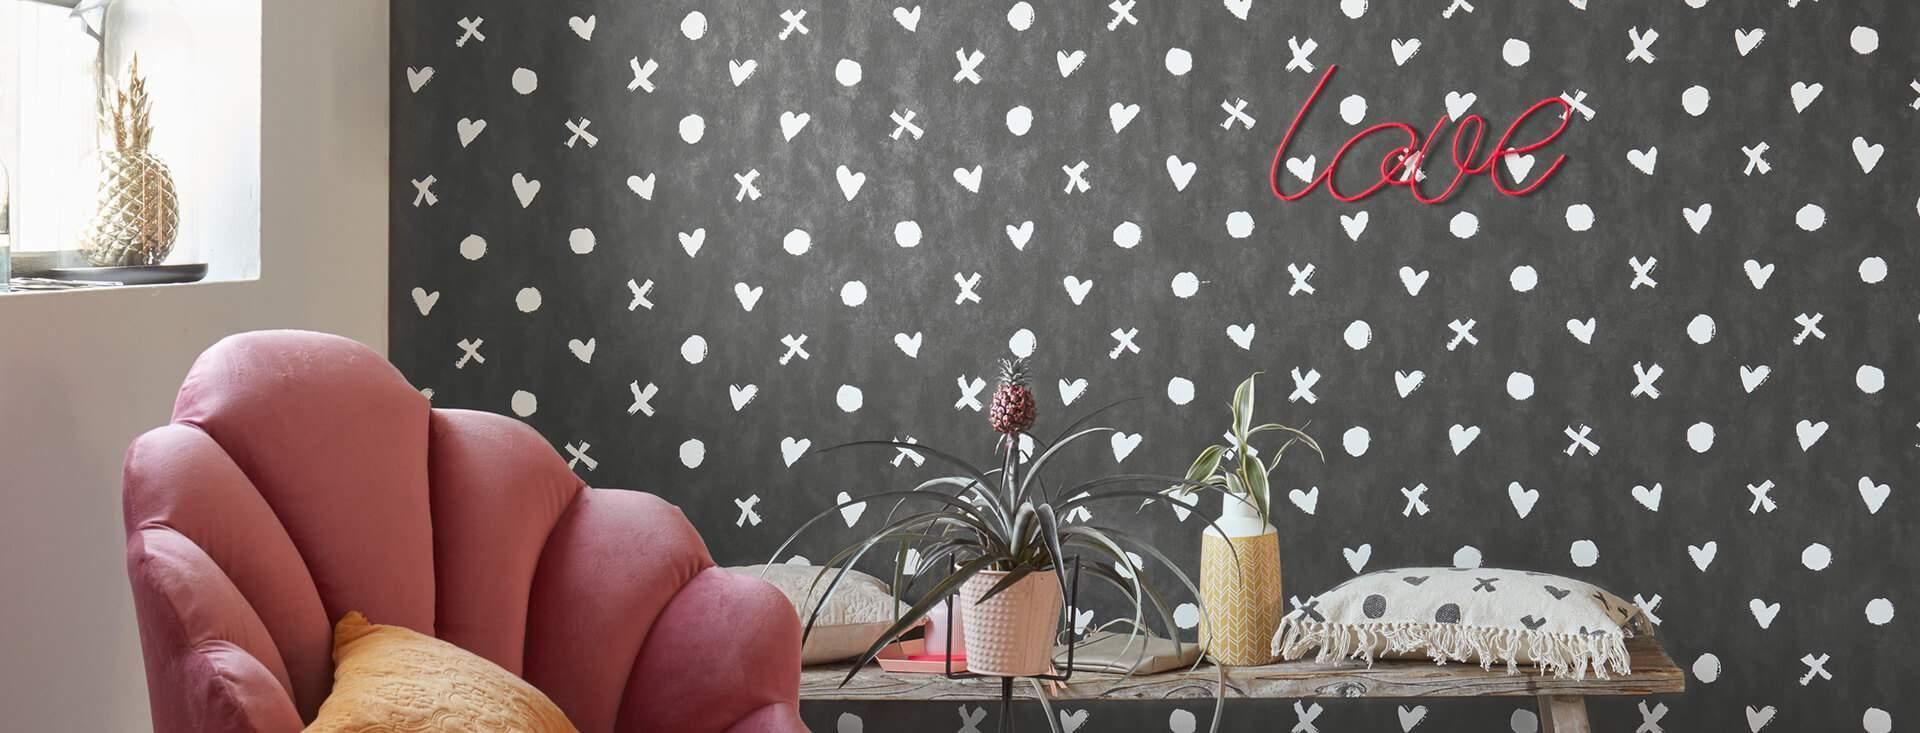 Full Size of Wandtattoo Sprüche Wohnzimmer Sprche Frisch Hängeschrank Sessel Tischlampe Fototapete Wandbilder Für Die Küche Wandtattoos Led Lampen Decke T Shirt Wohnzimmer Wandtattoo Sprüche Wohnzimmer